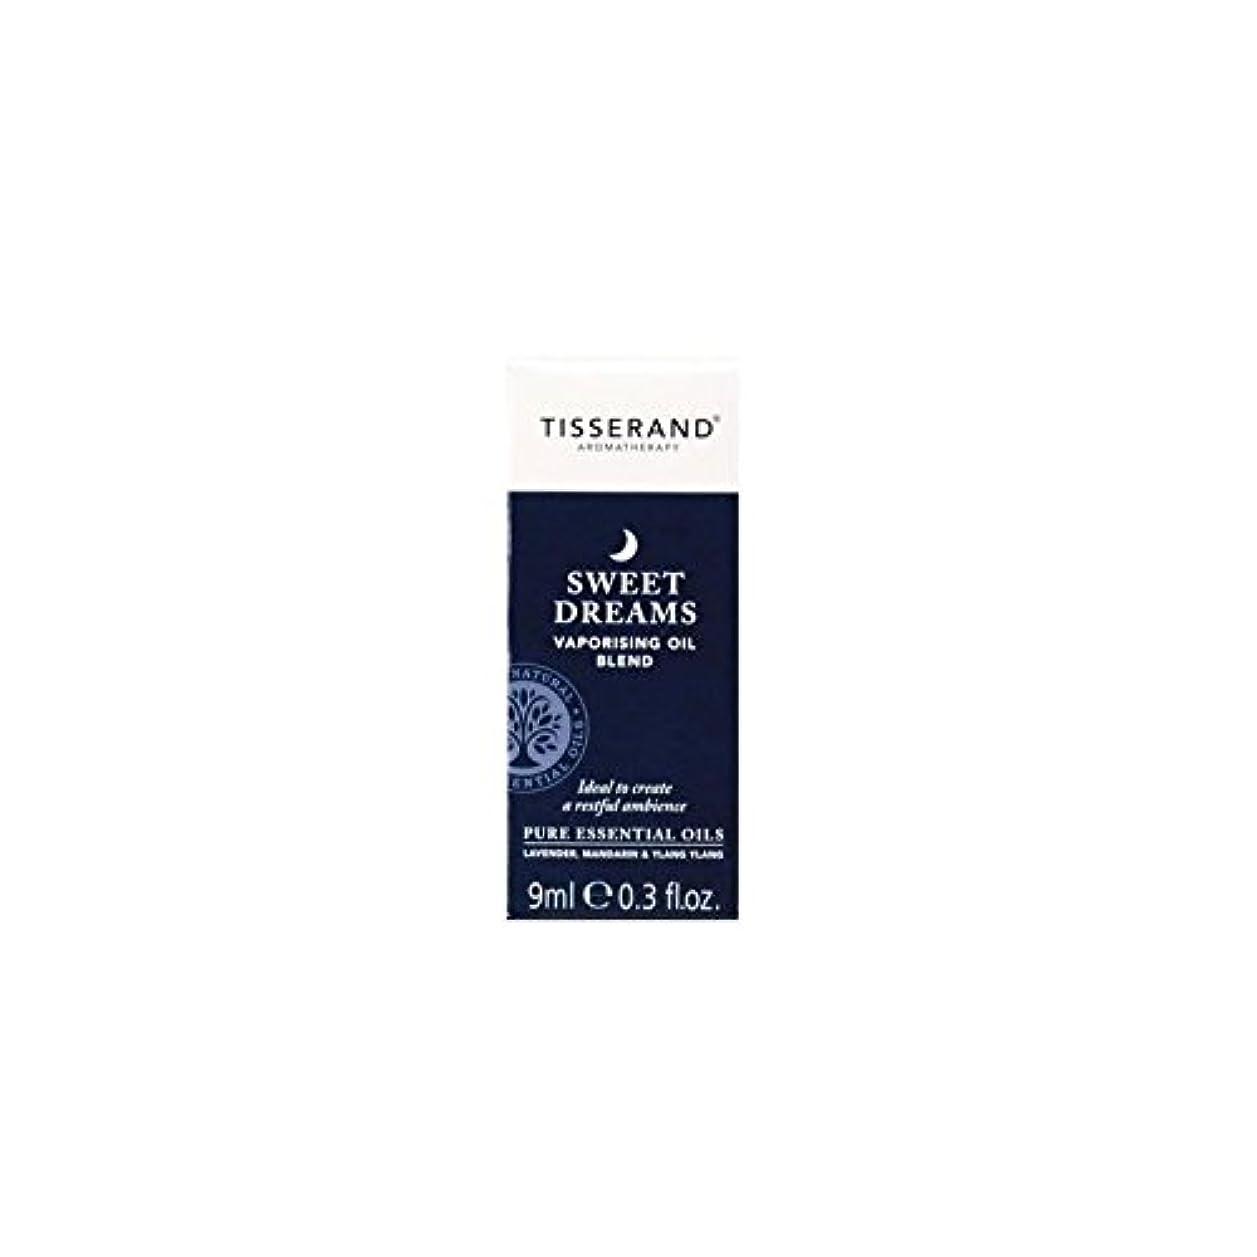 以前はエピソード困惑するオイル9ミリリットルを気化甘い夢 (Tisserand) (x 2) - Tisserand Sweet Dreams Vaporising Oil 9ml (Pack of 2) [並行輸入品]